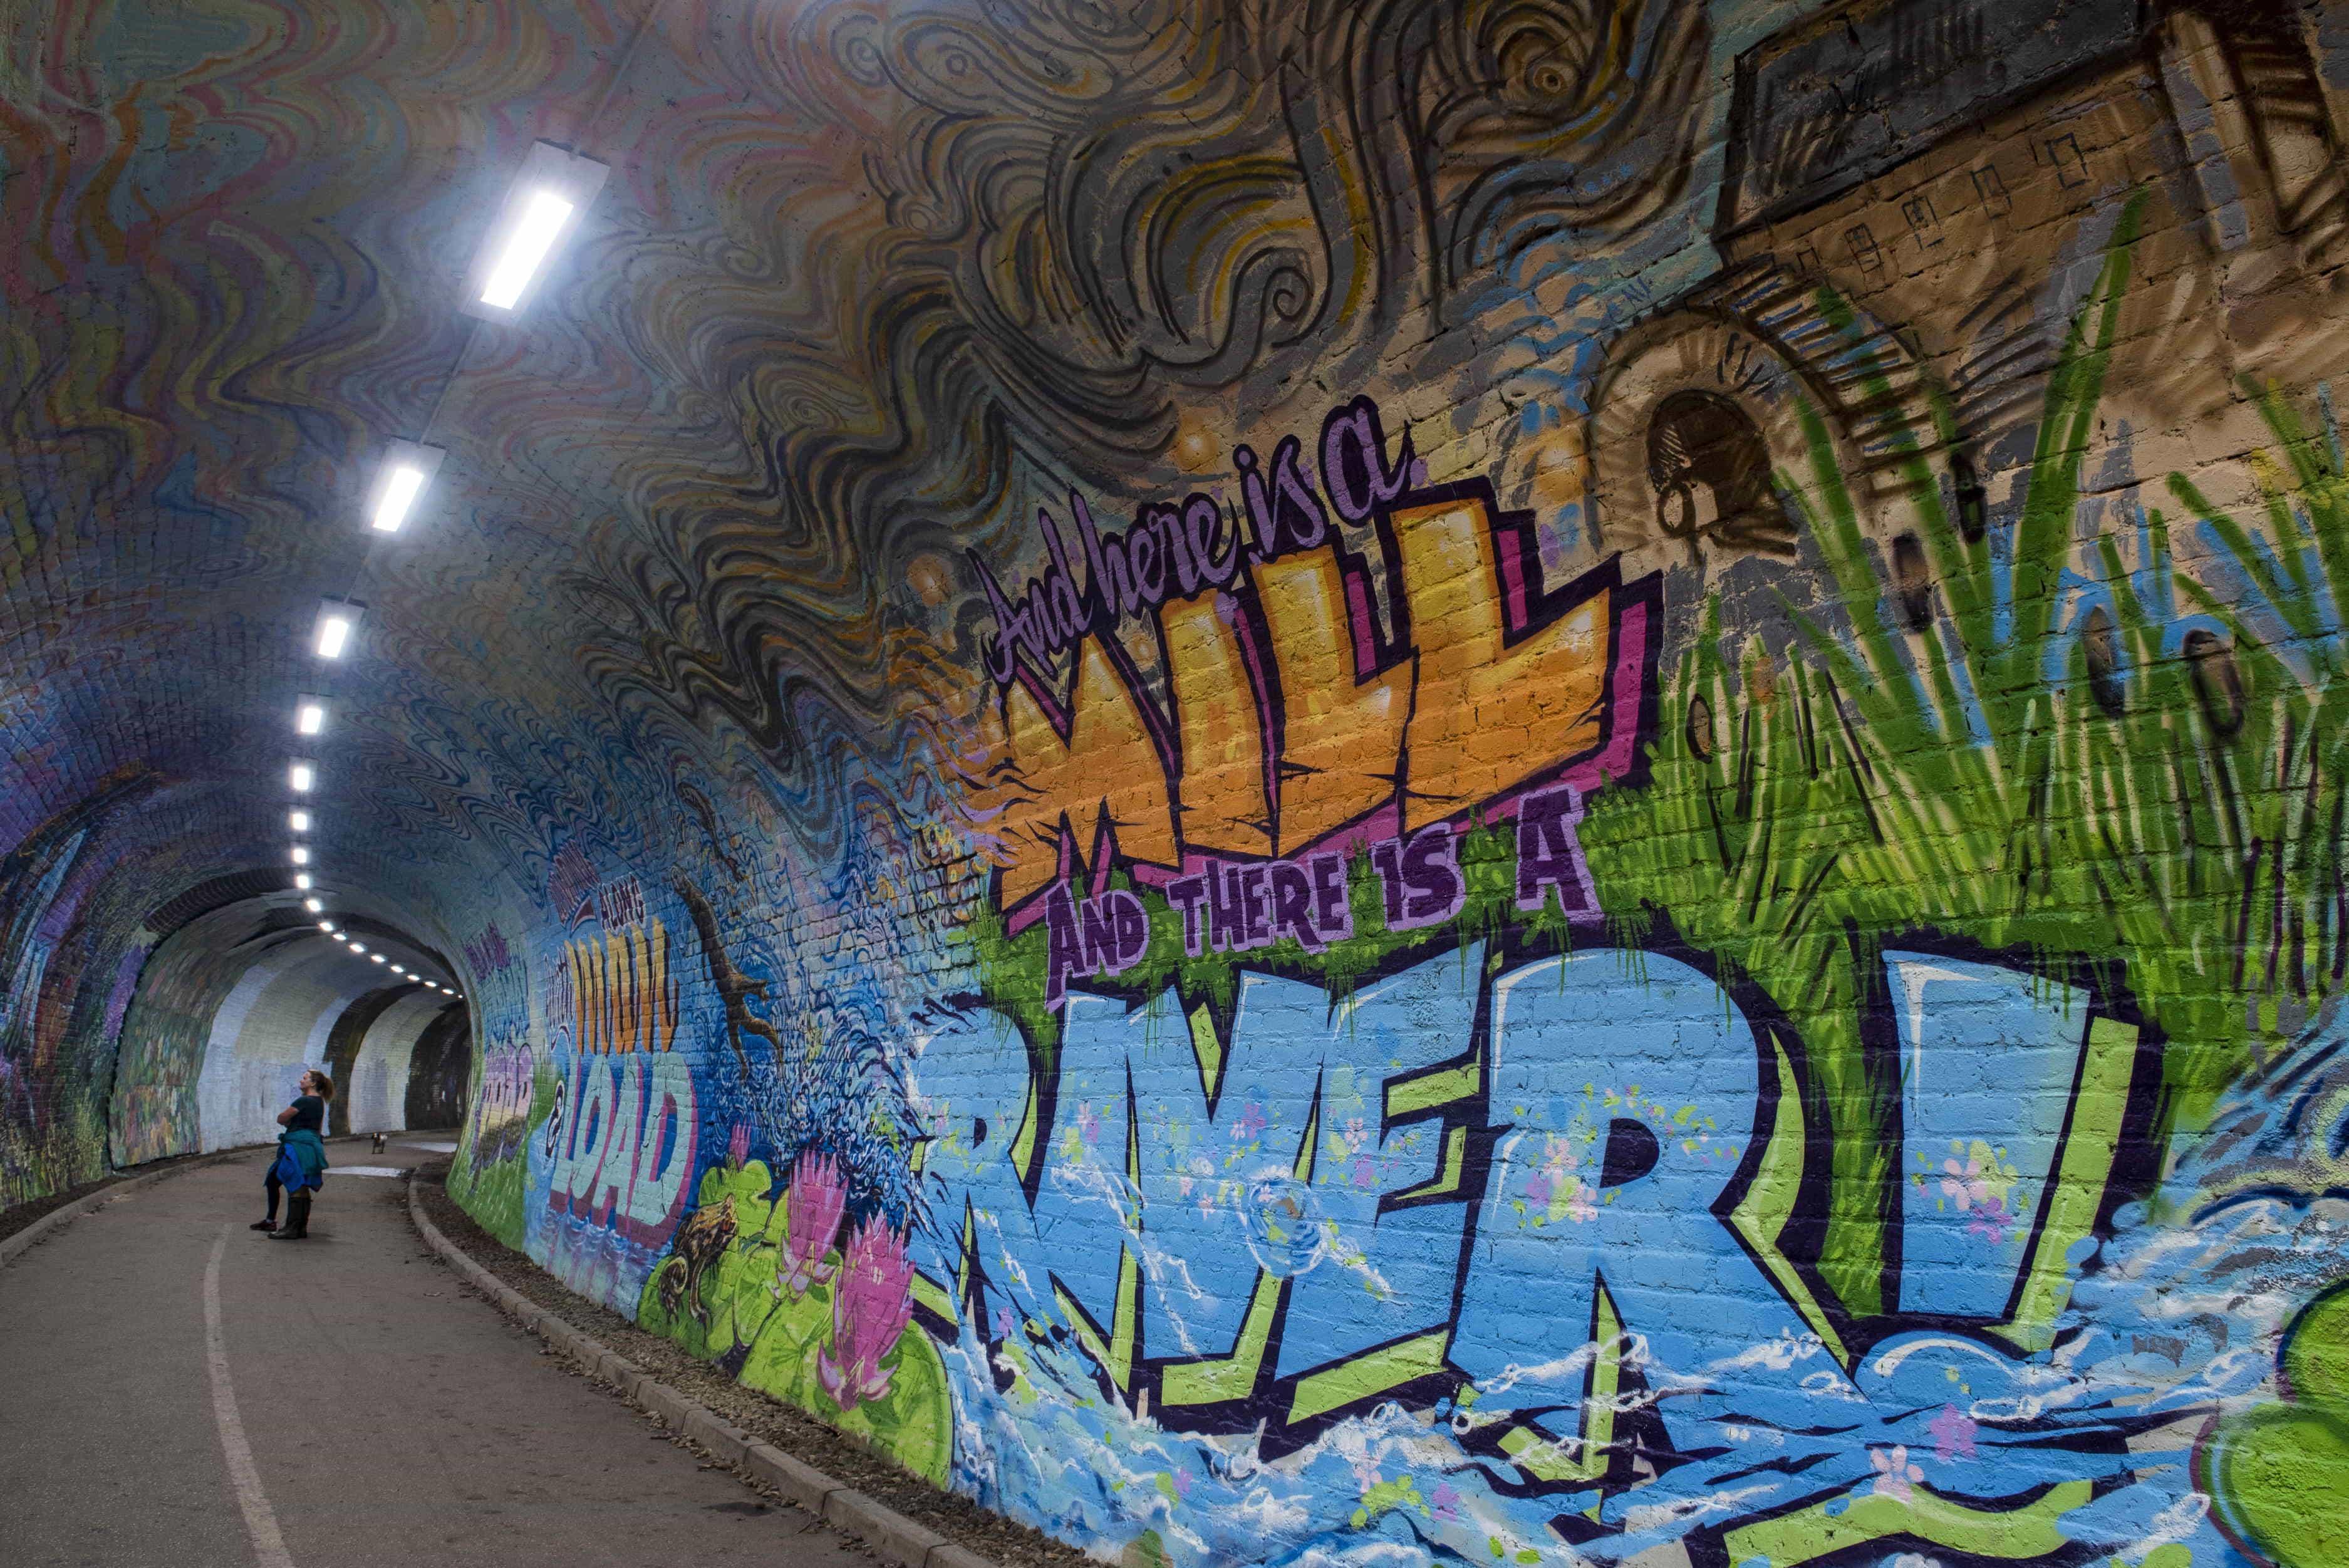 Colinton Tunnel - Titan (7)